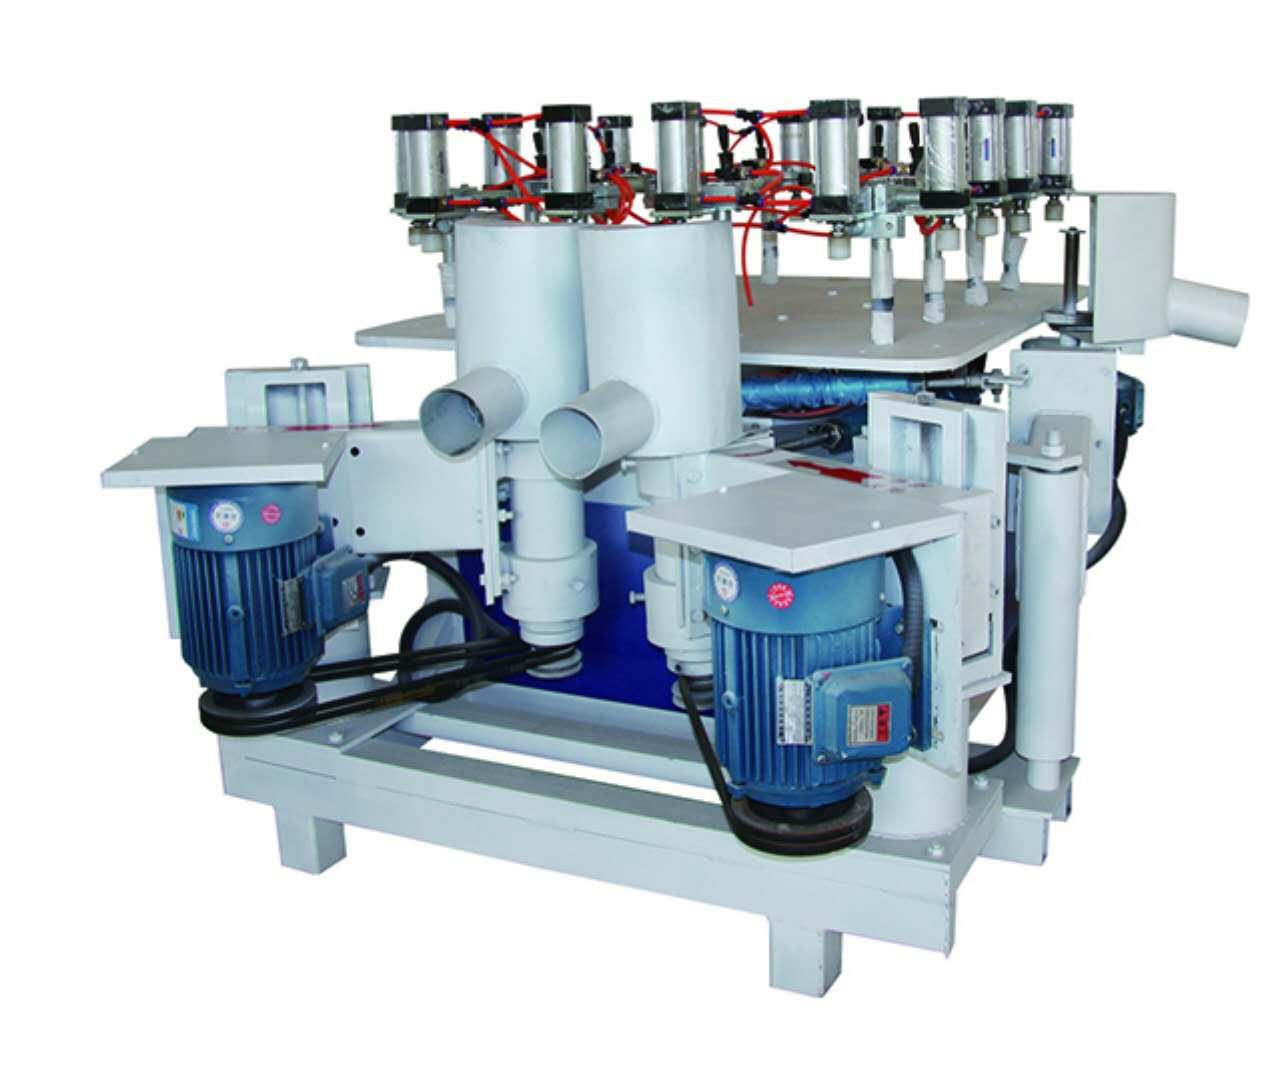 仿型銑雙軸,仿型銑雙軸型號,仿型銑雙軸廠家